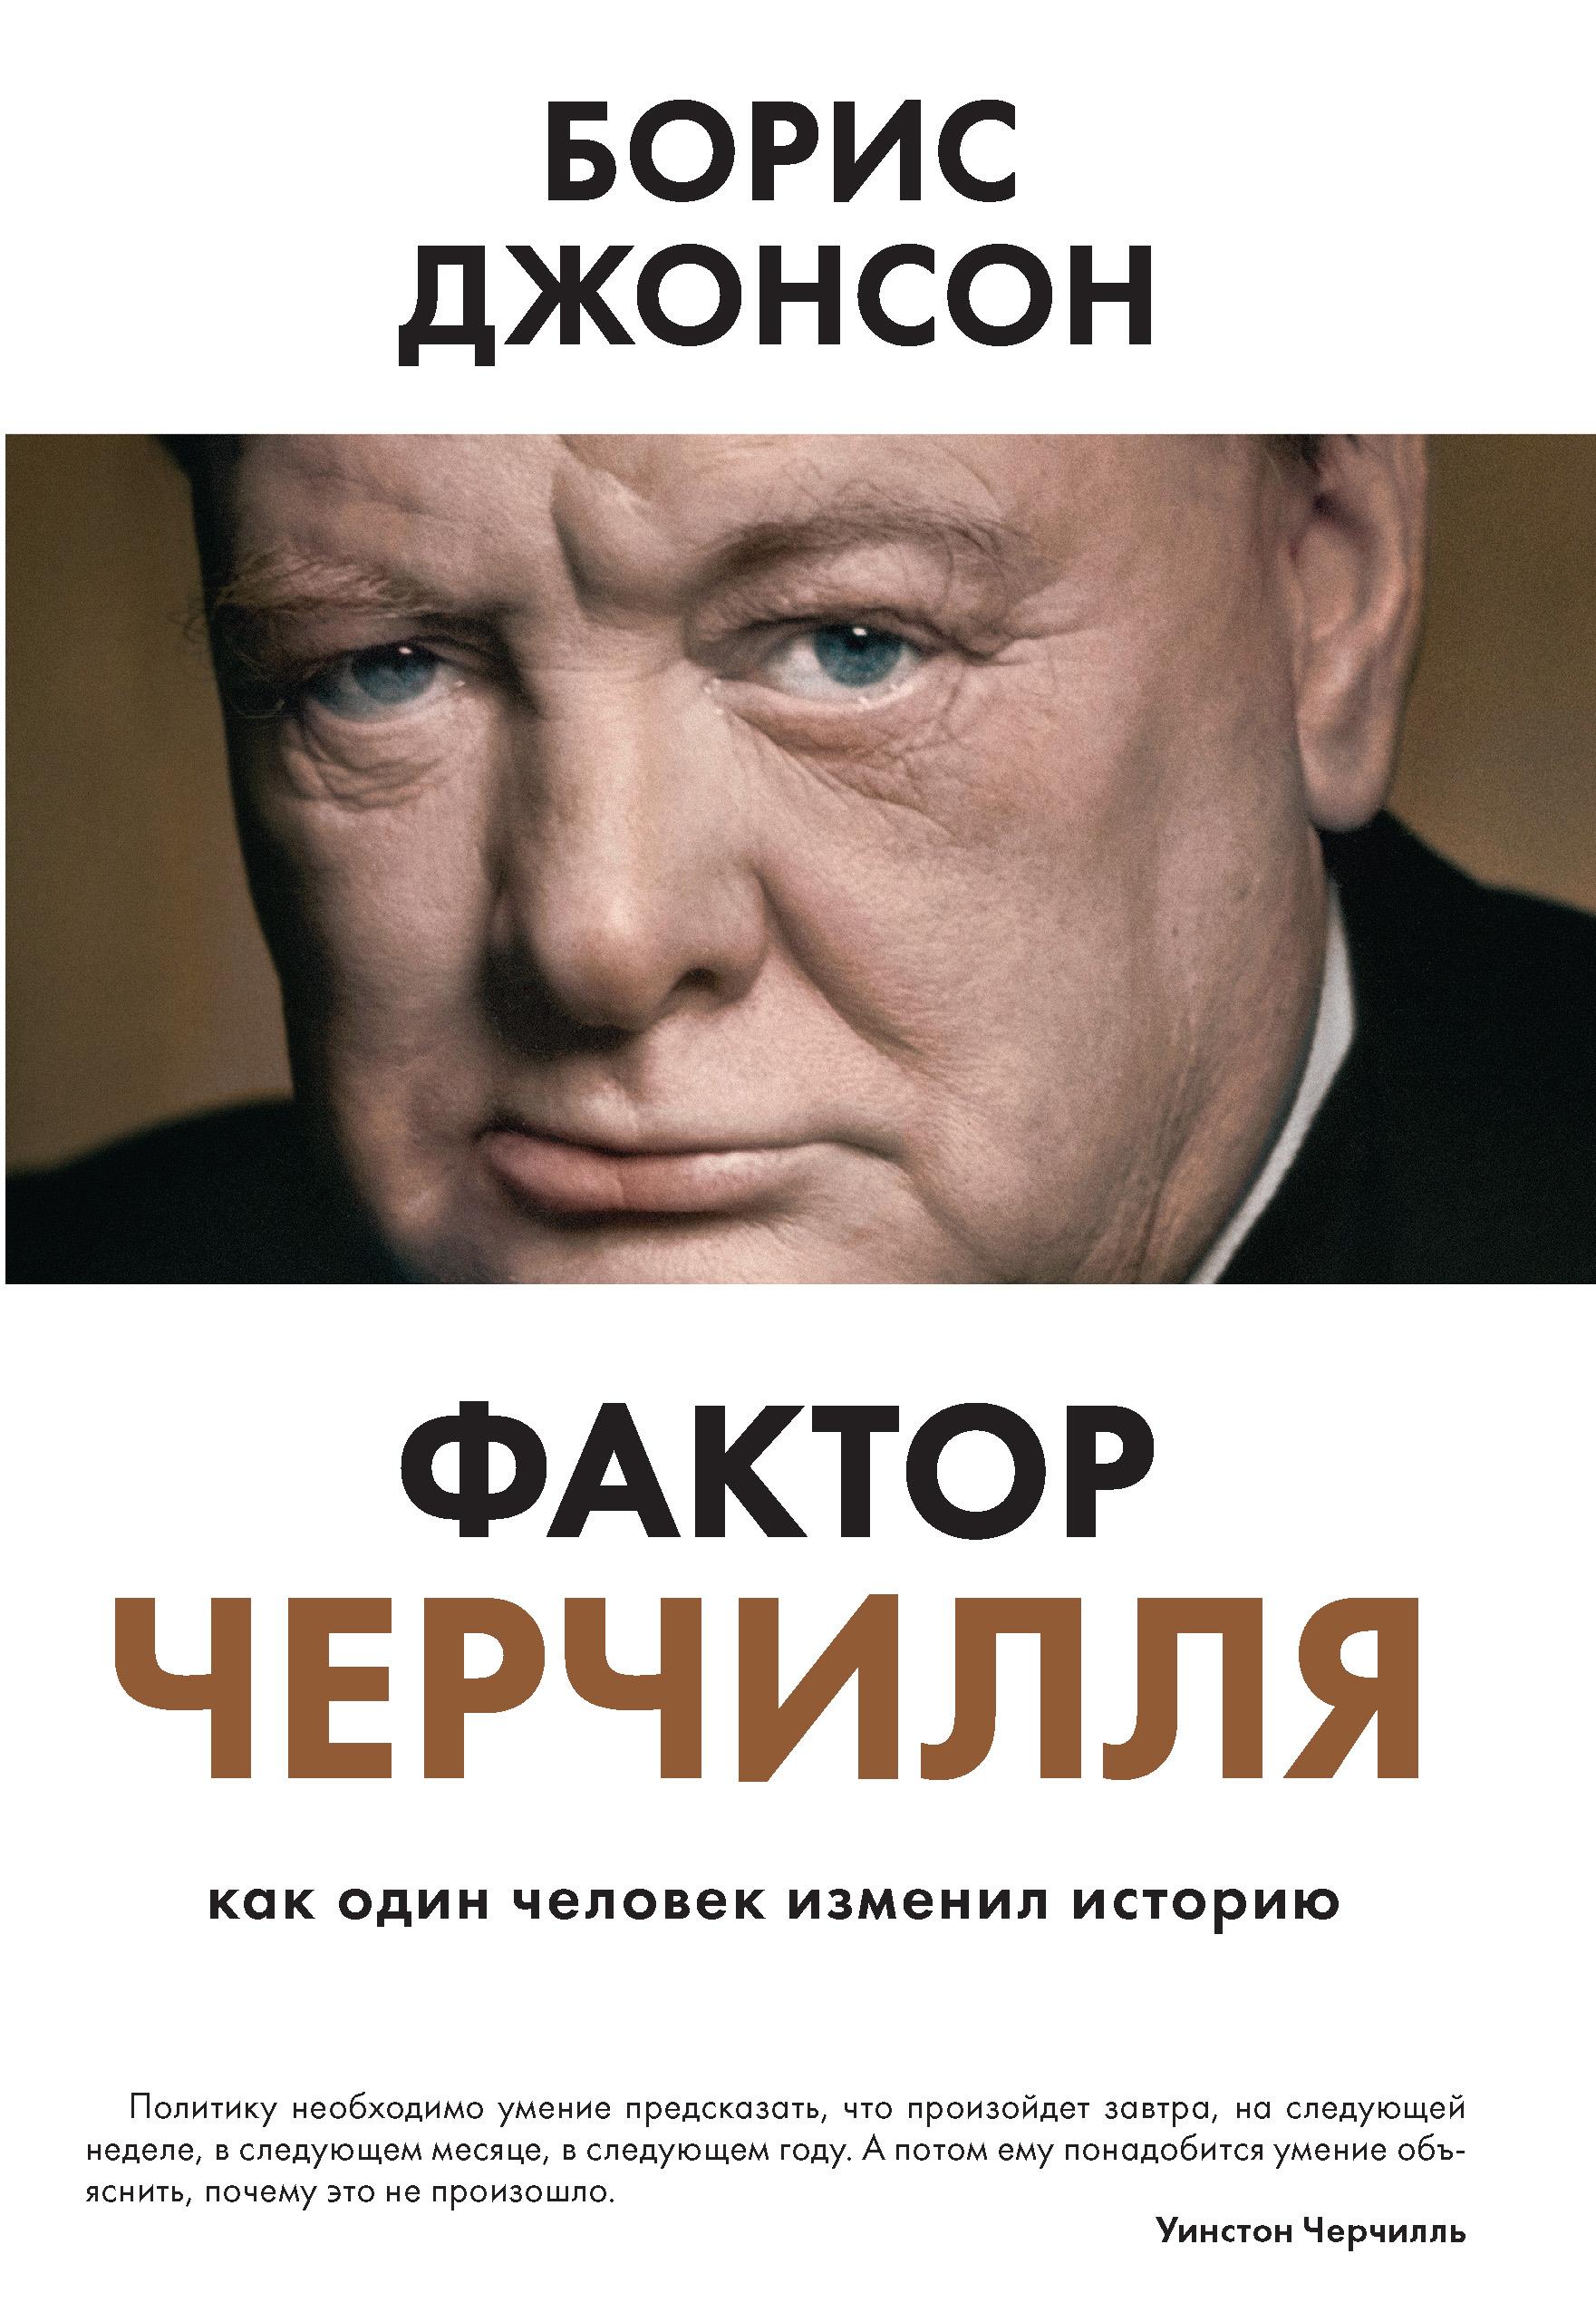 Борис Джонсон Фактор Черчилля. Как один человек изменил историю